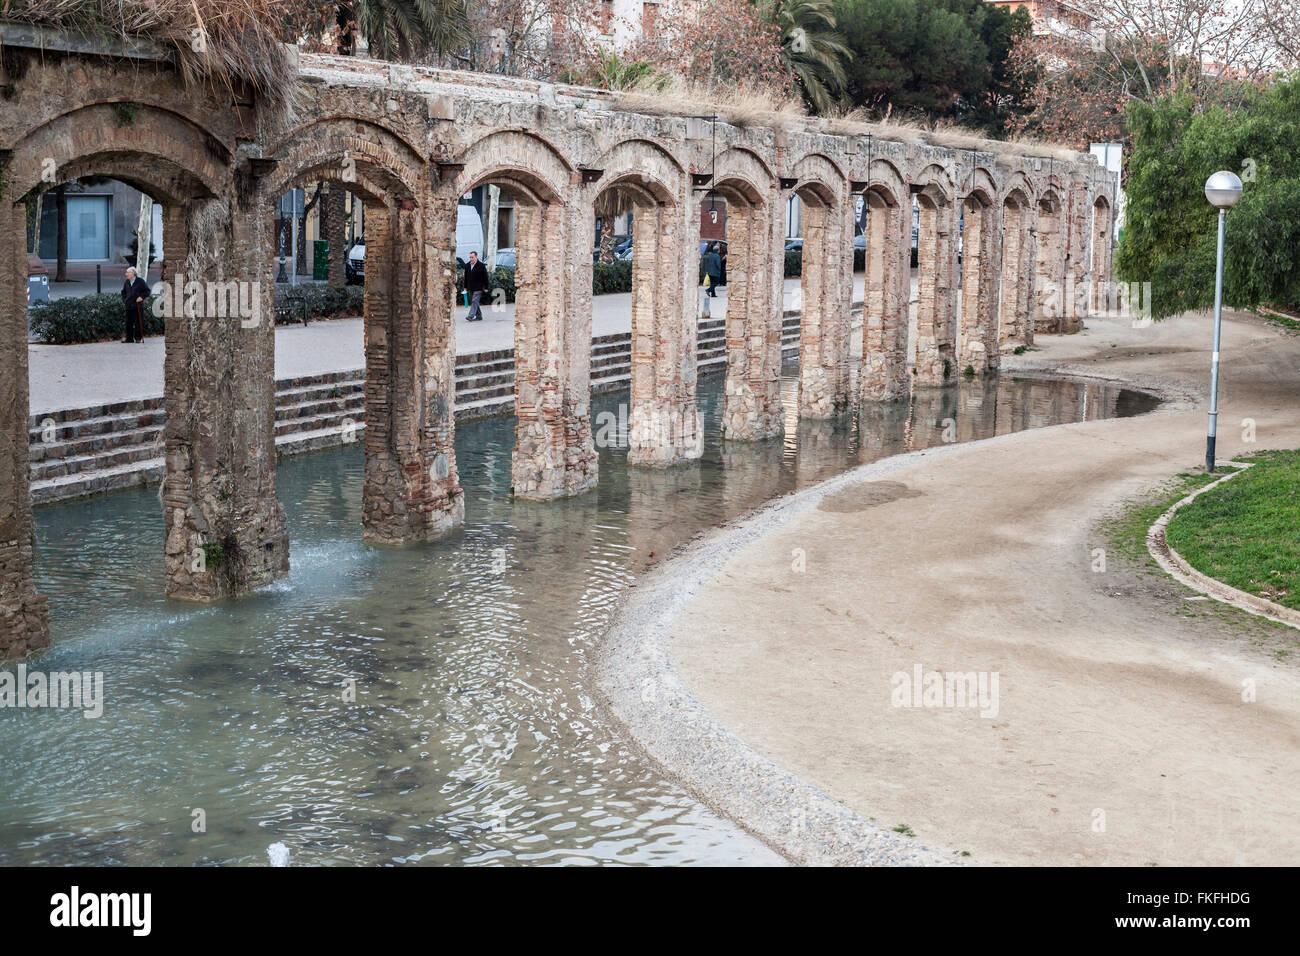 Parc del Clot, Barcelona. - Stock Image